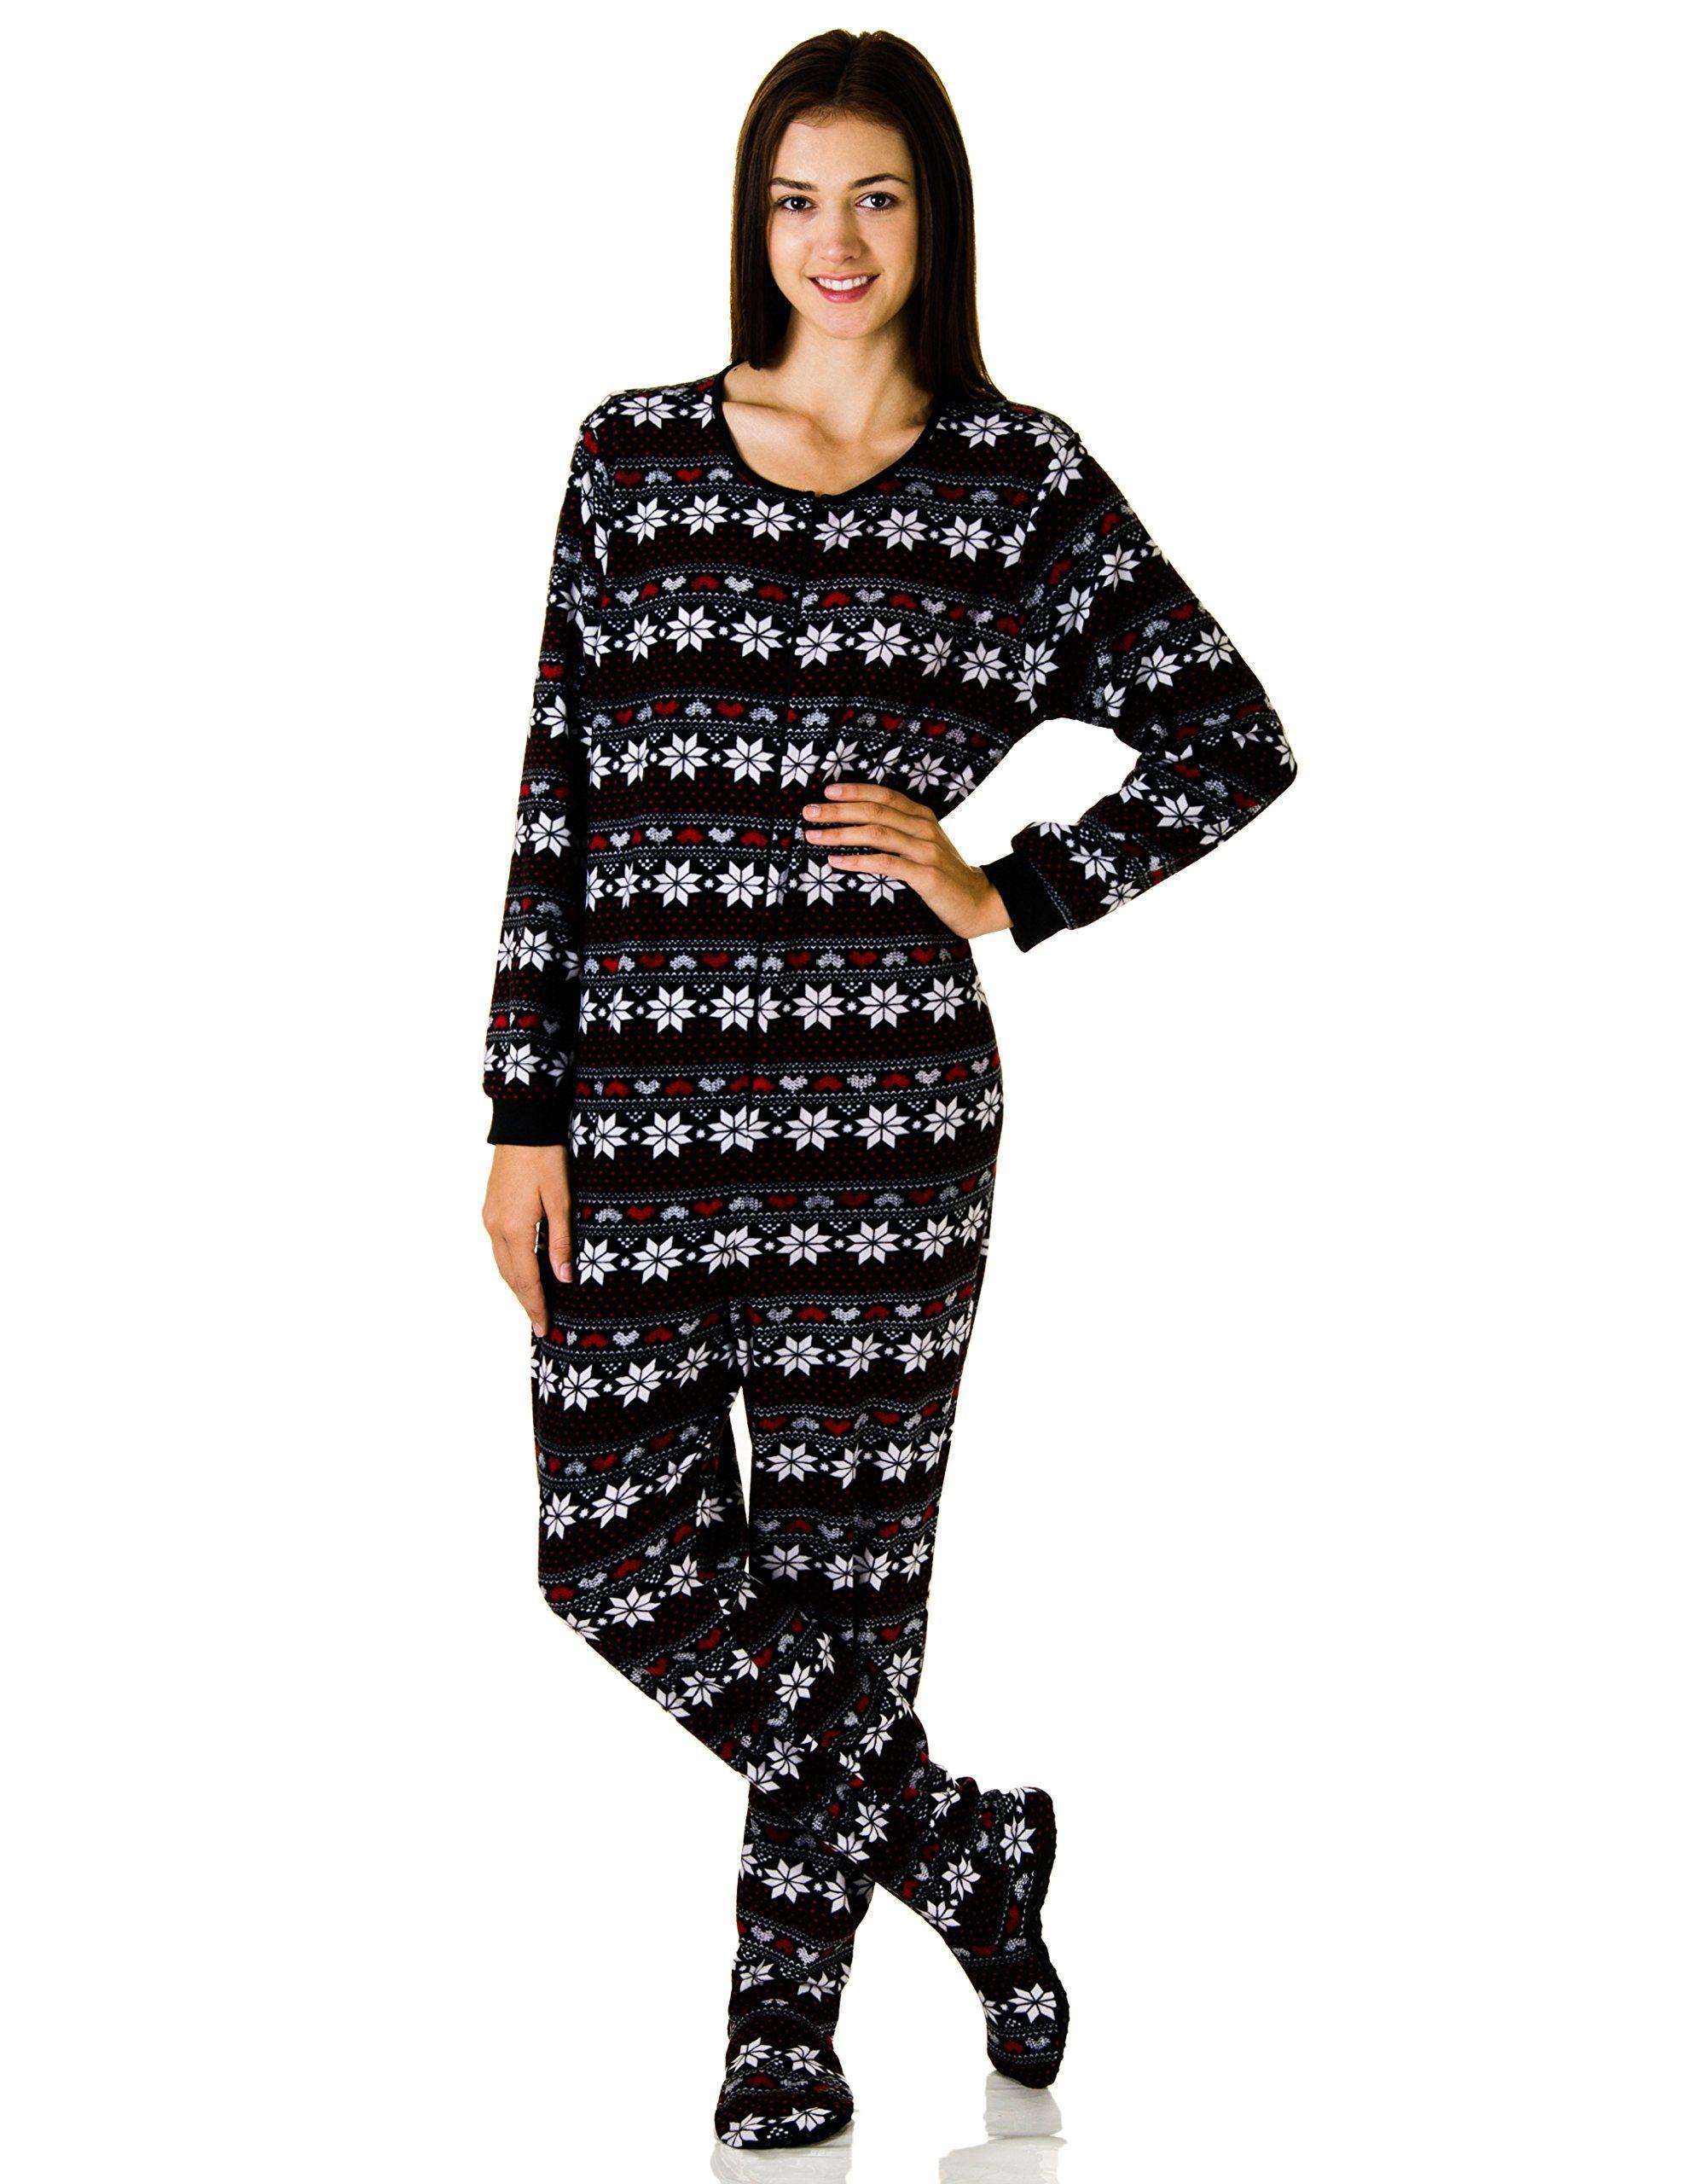 amazoncom rene rofe juniors plush onesie footie pajamas clothing